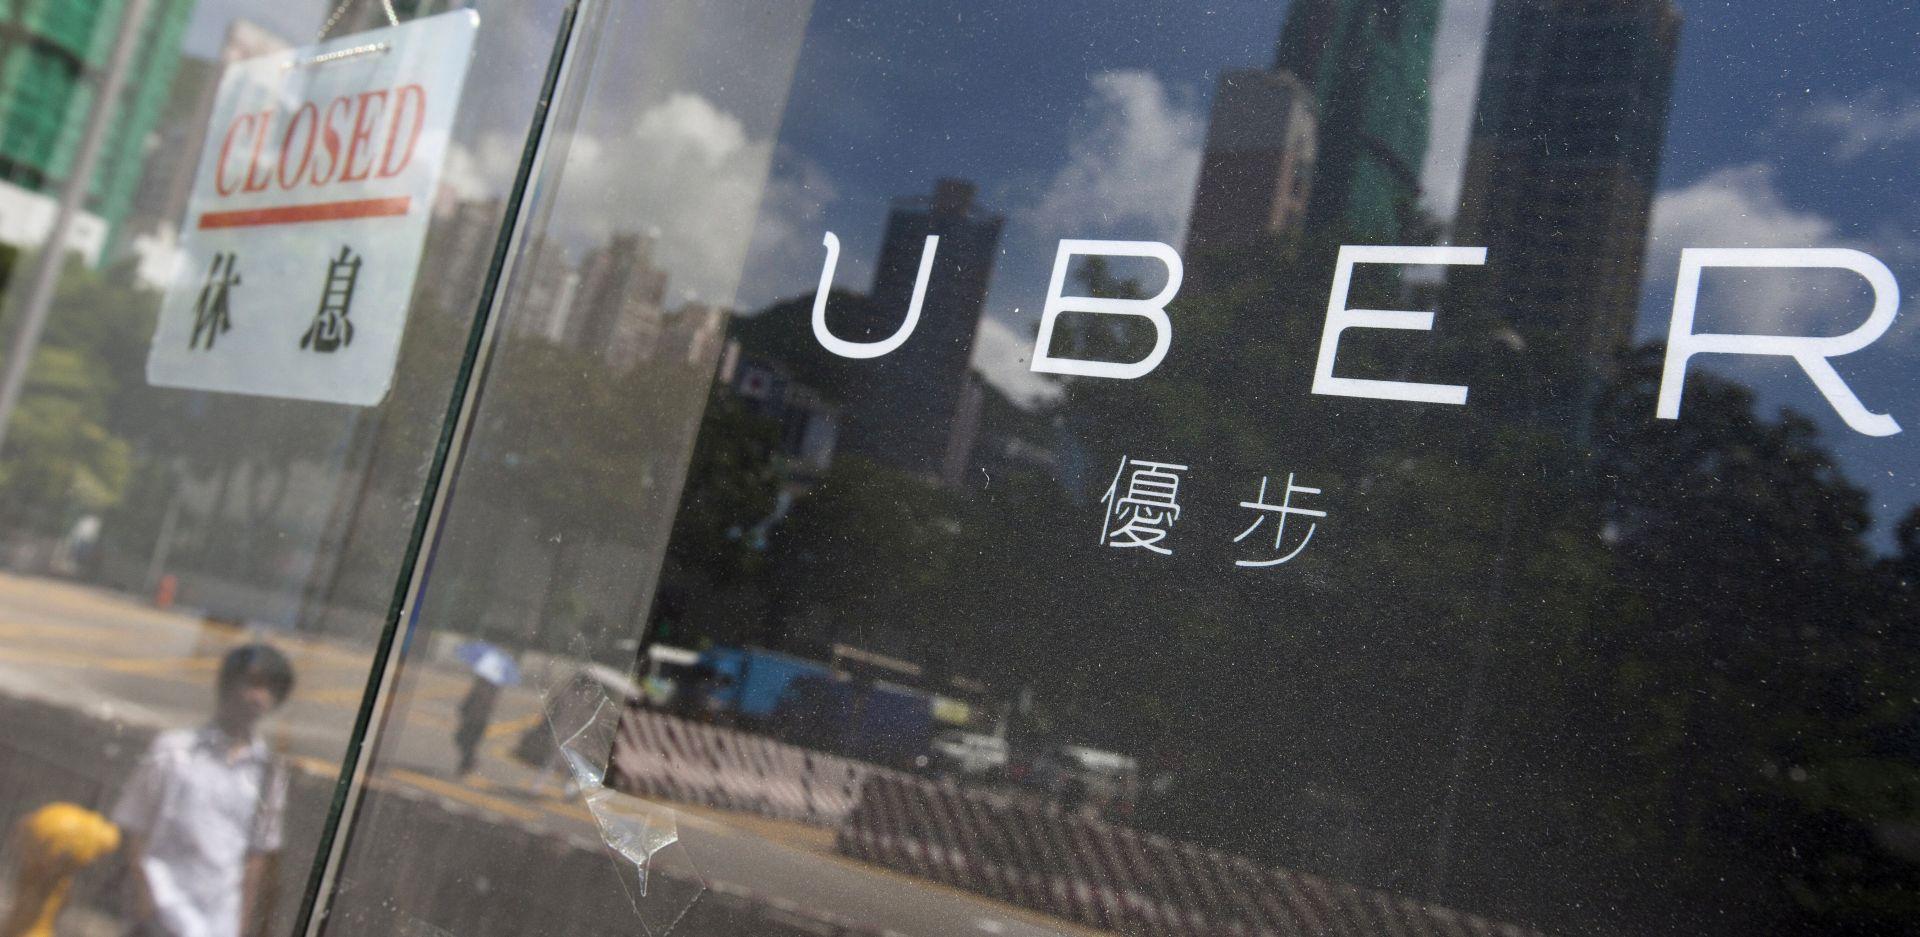 Firme kao Uber su u problemima jer se ljudima ne može vjerovati